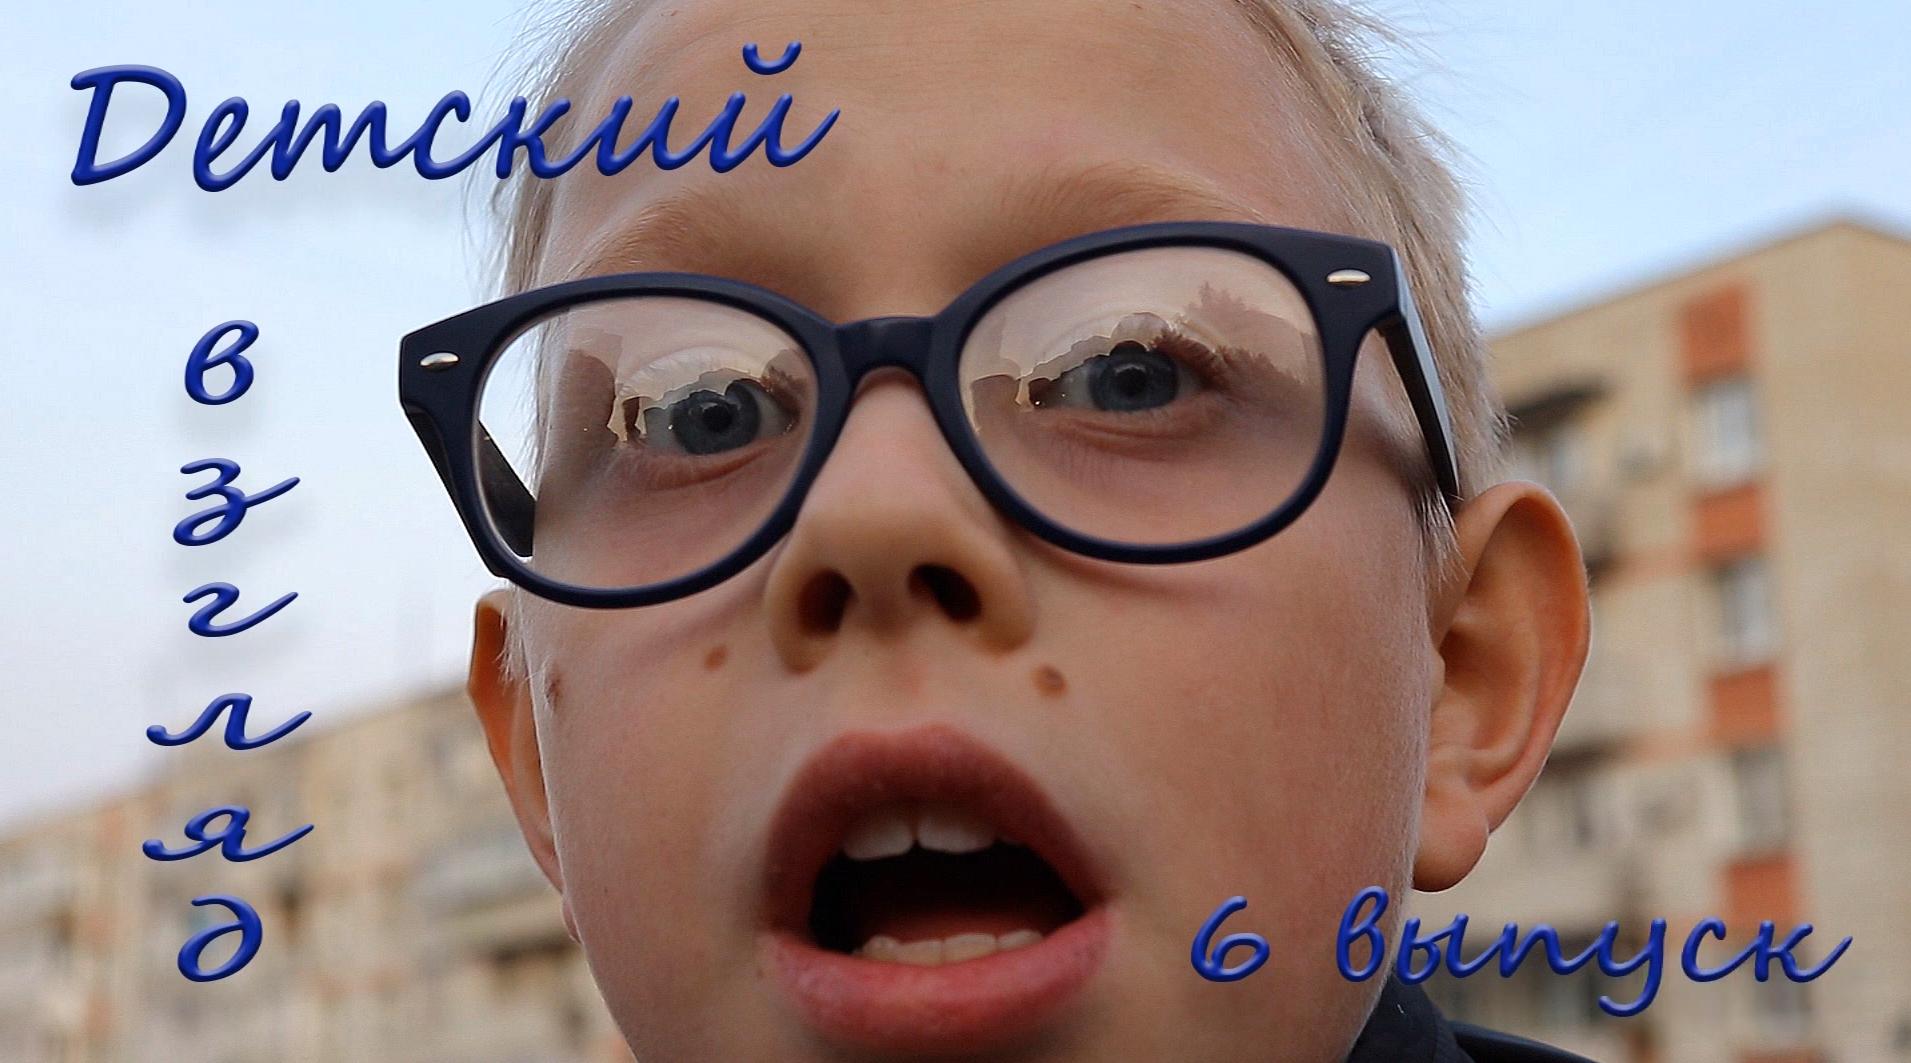 Шестой выпуск программы «Детский взгляд»: события в Кольцово